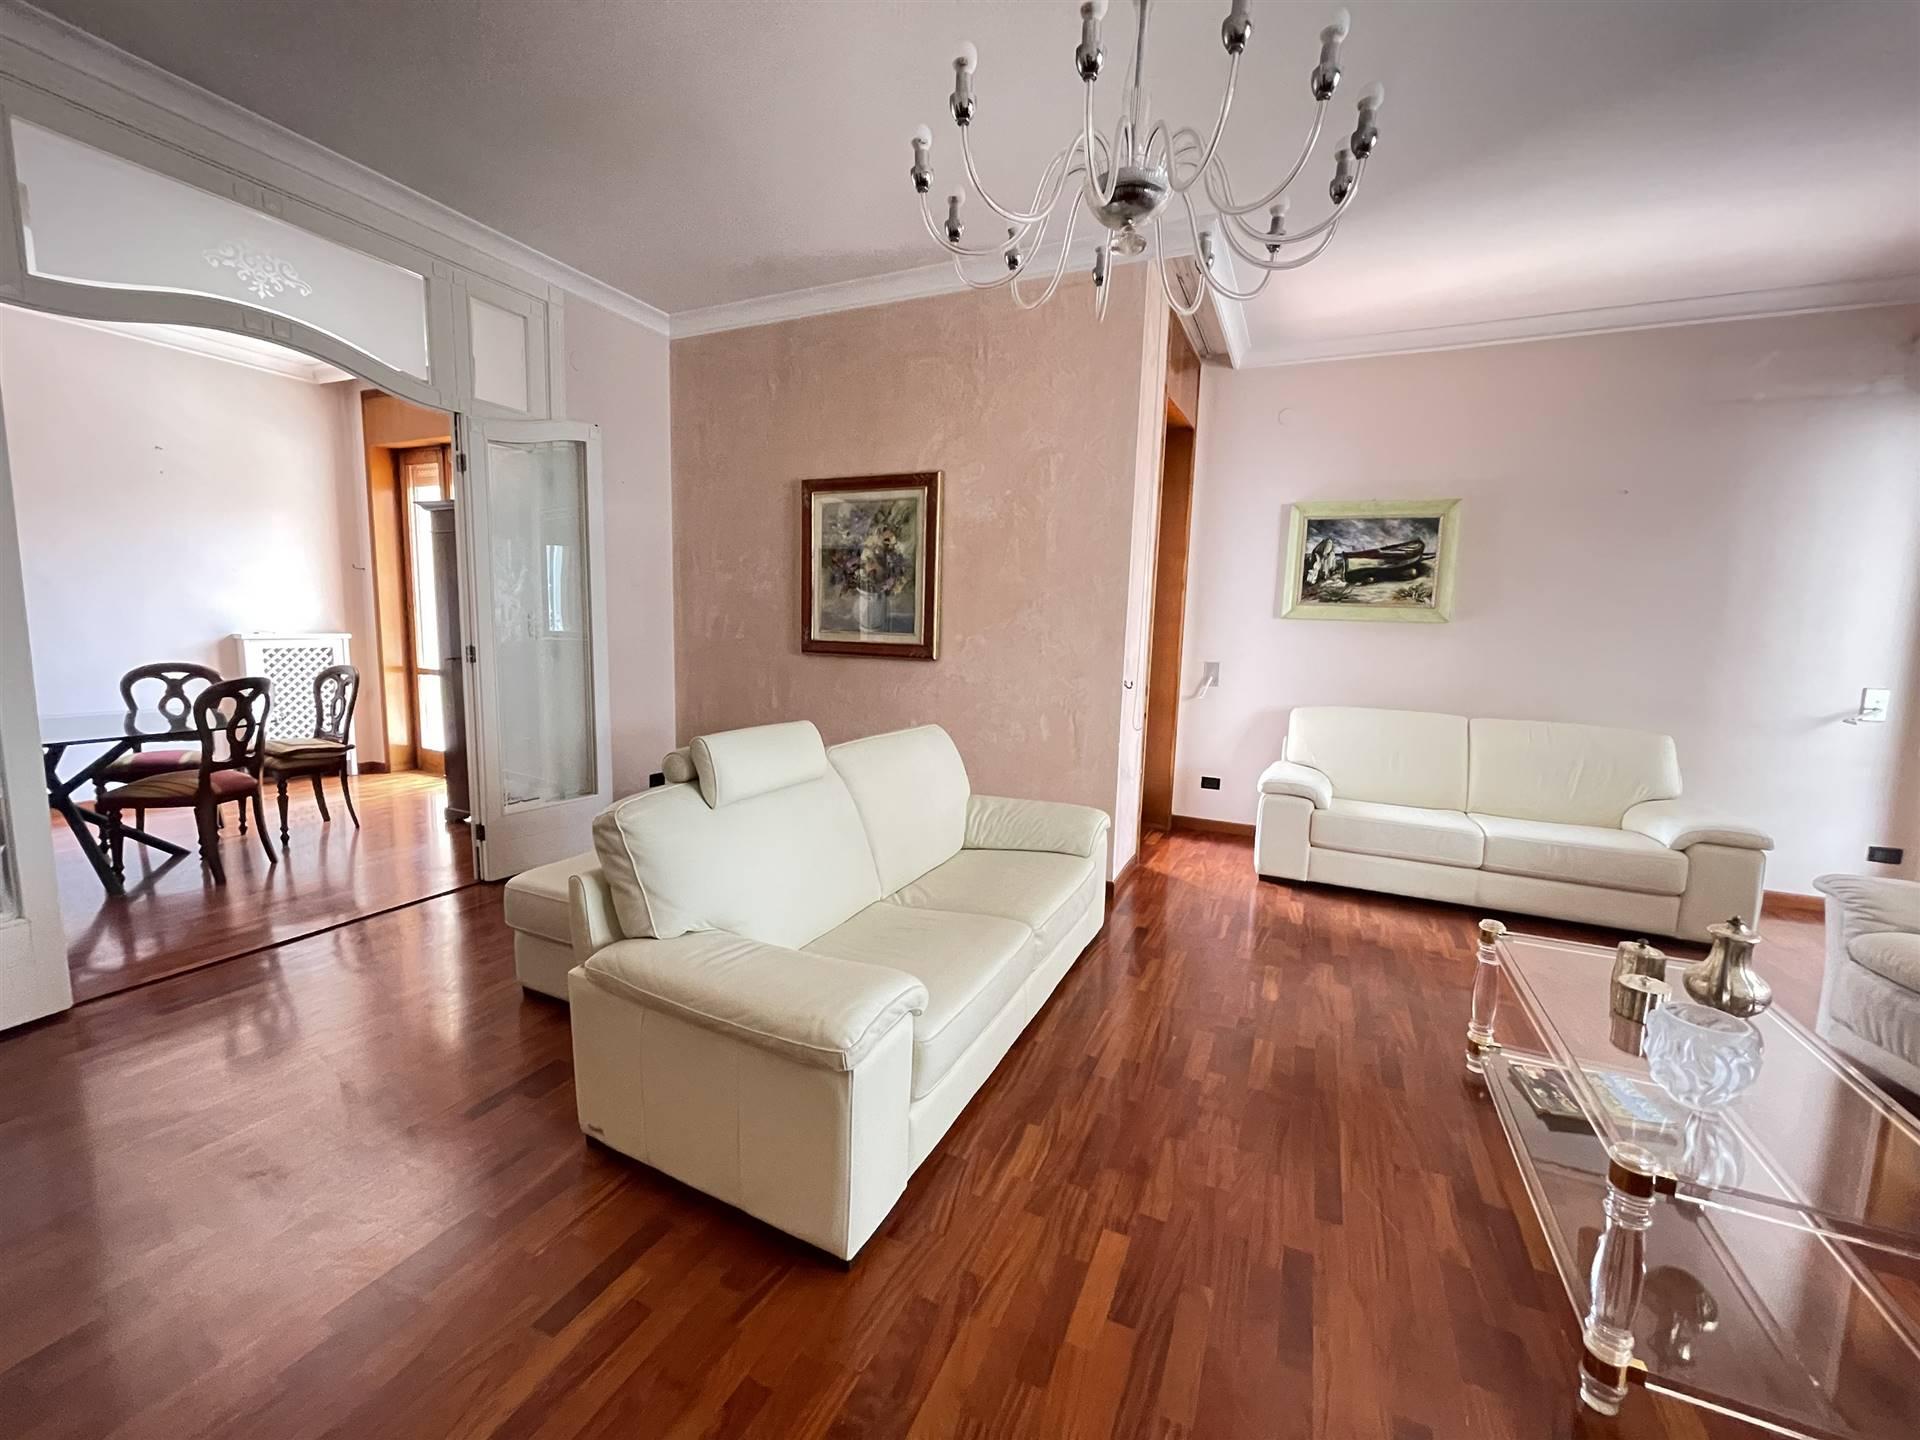 MAZZINI, LECCE, Wohnung zu verkaufen, Beste ausstattung, Heizung Unabhaengig, Energie-klasse: F, Epi: 83,8 kwh/m2 jahr, am boden 1°, zusammengestellt